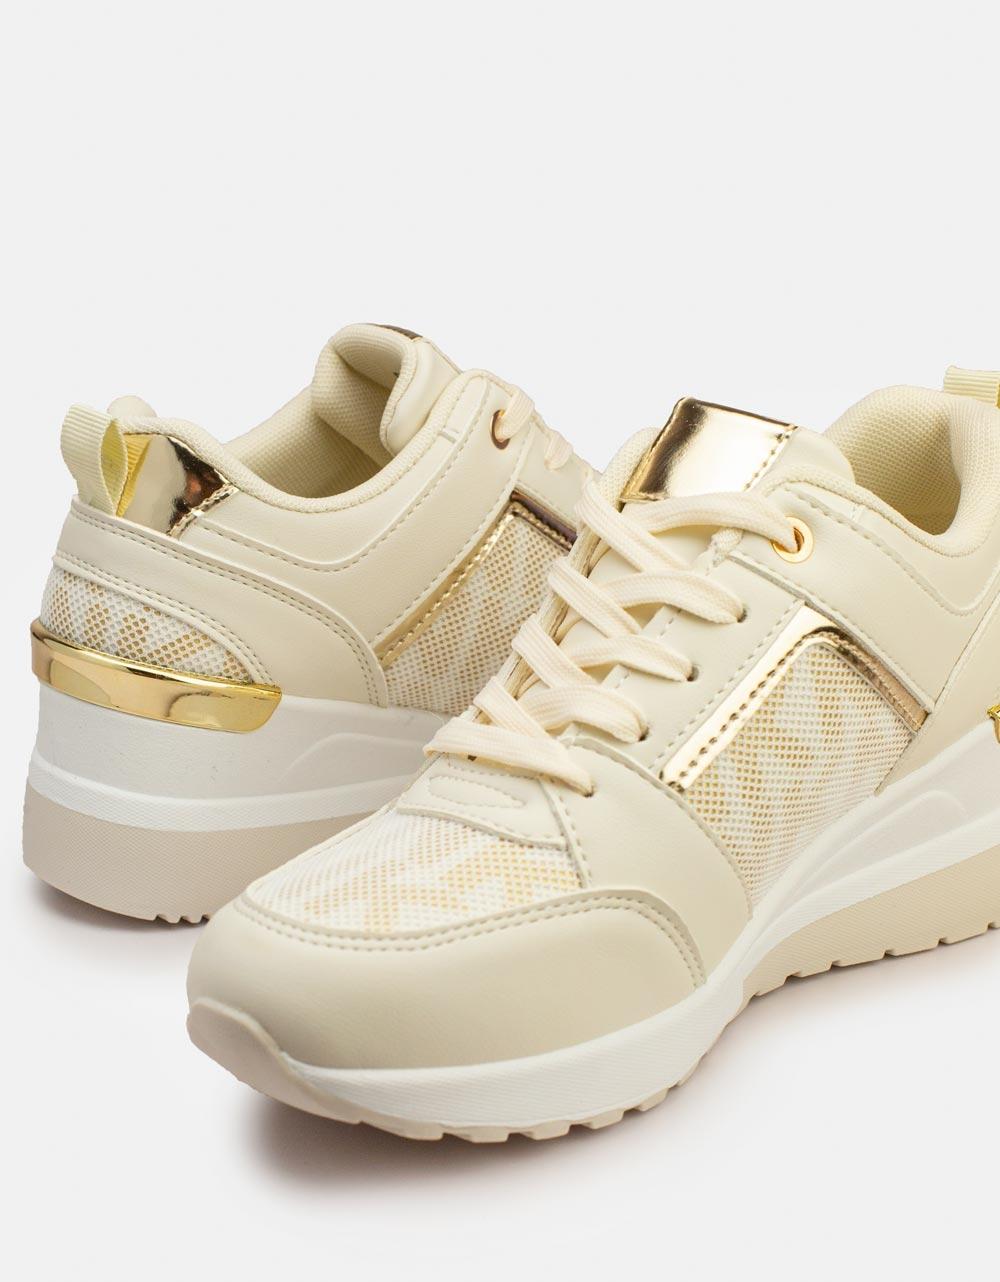 Εικόνα από Γυναικεία sneakers με μεταλλική λεπτομέρεια στο πίσω μέρος Μπεζ